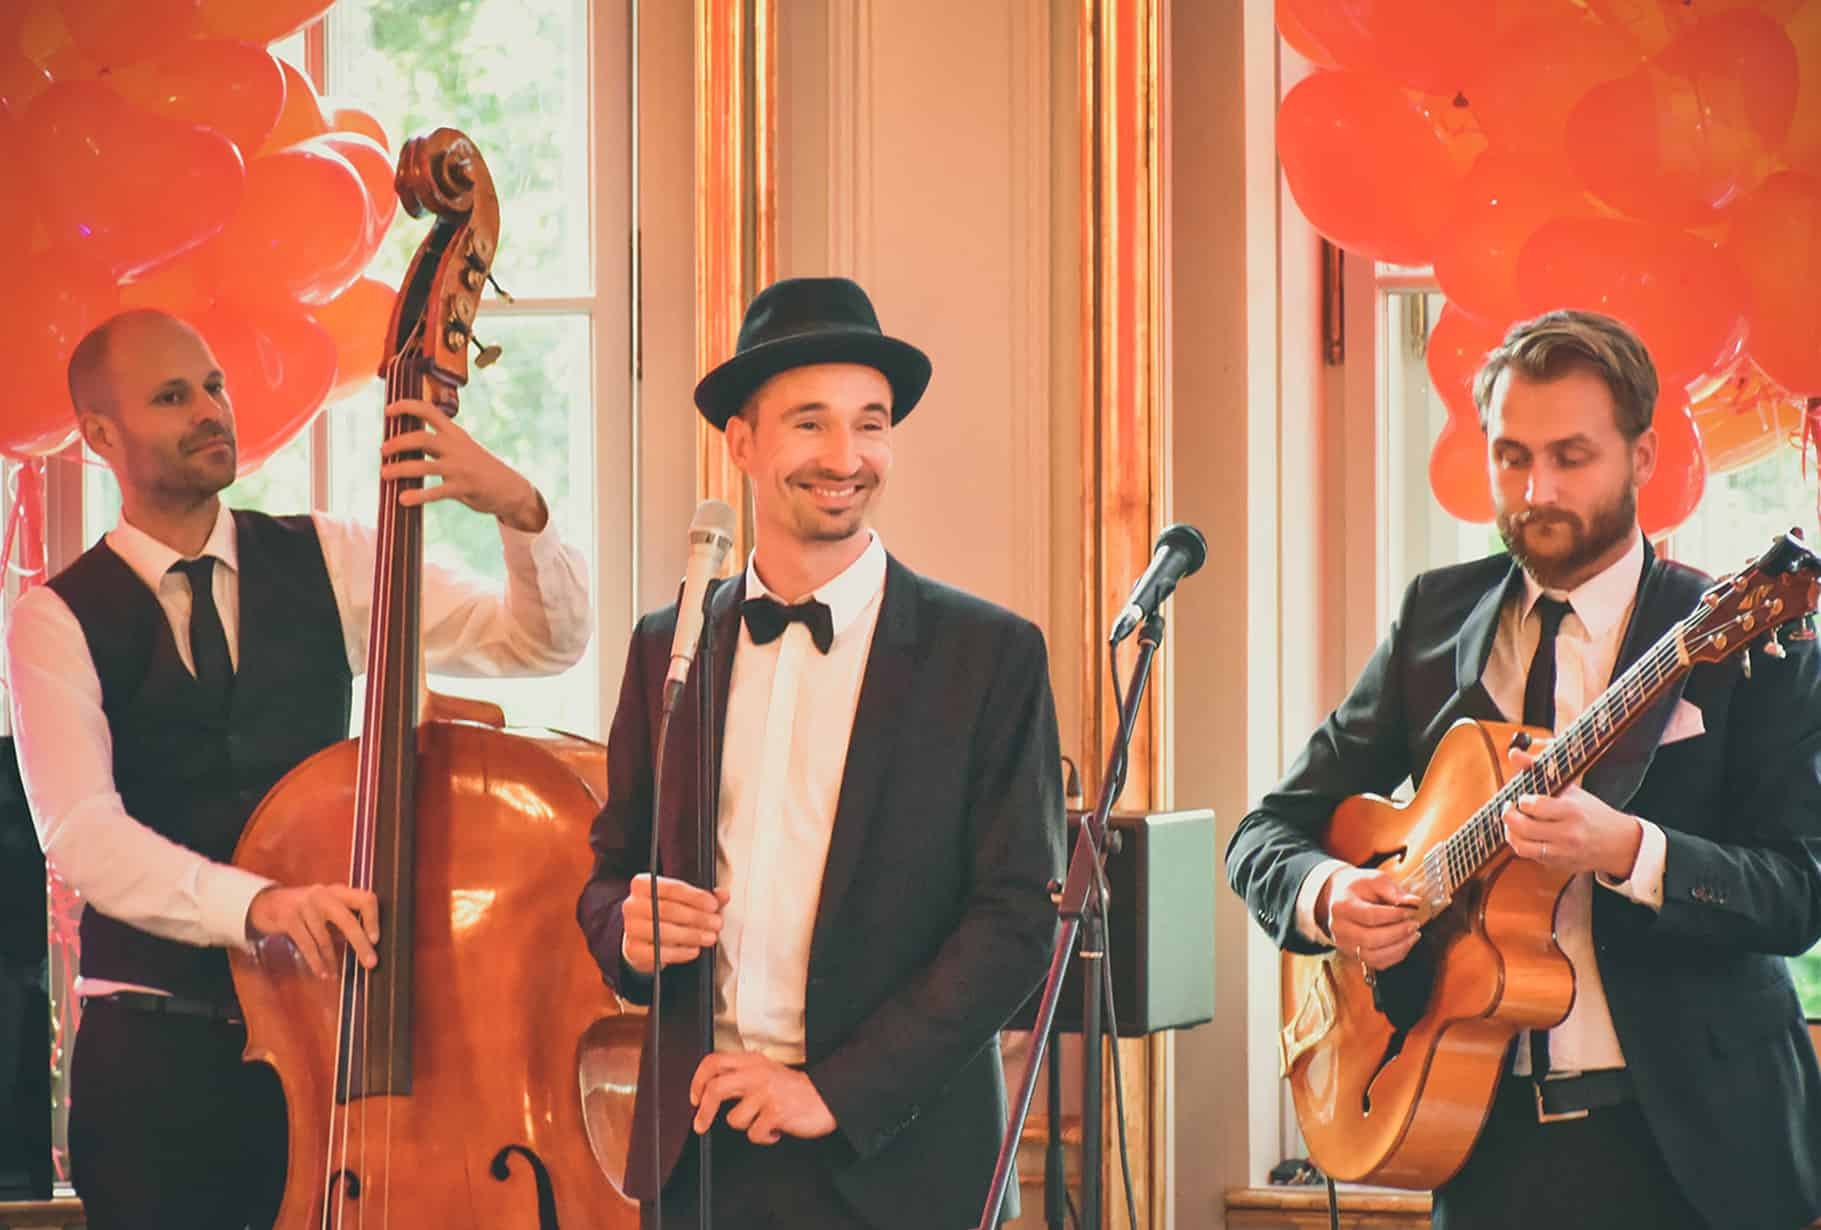 Unvergesslich Feiern Mit Dieser Stilvollen Hochzeitsband In Augsburg